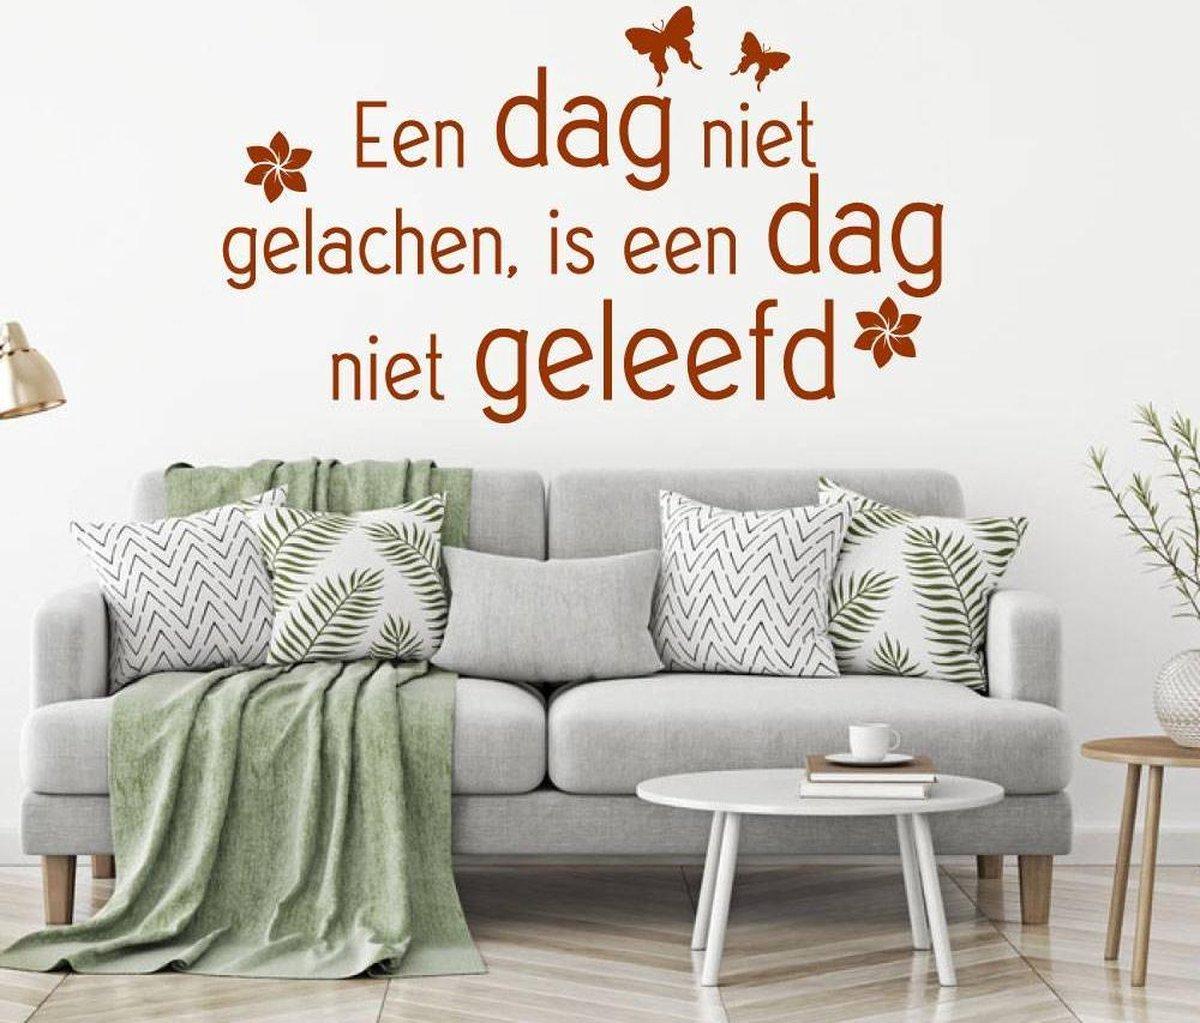 Muursticker Een Dag Niet Gelachen, Is Een Dag Niet Geleefd -  Bruin -  120 x 70 cm  -  woonkamer  nederlandse teksten   - Muursticker4Sale